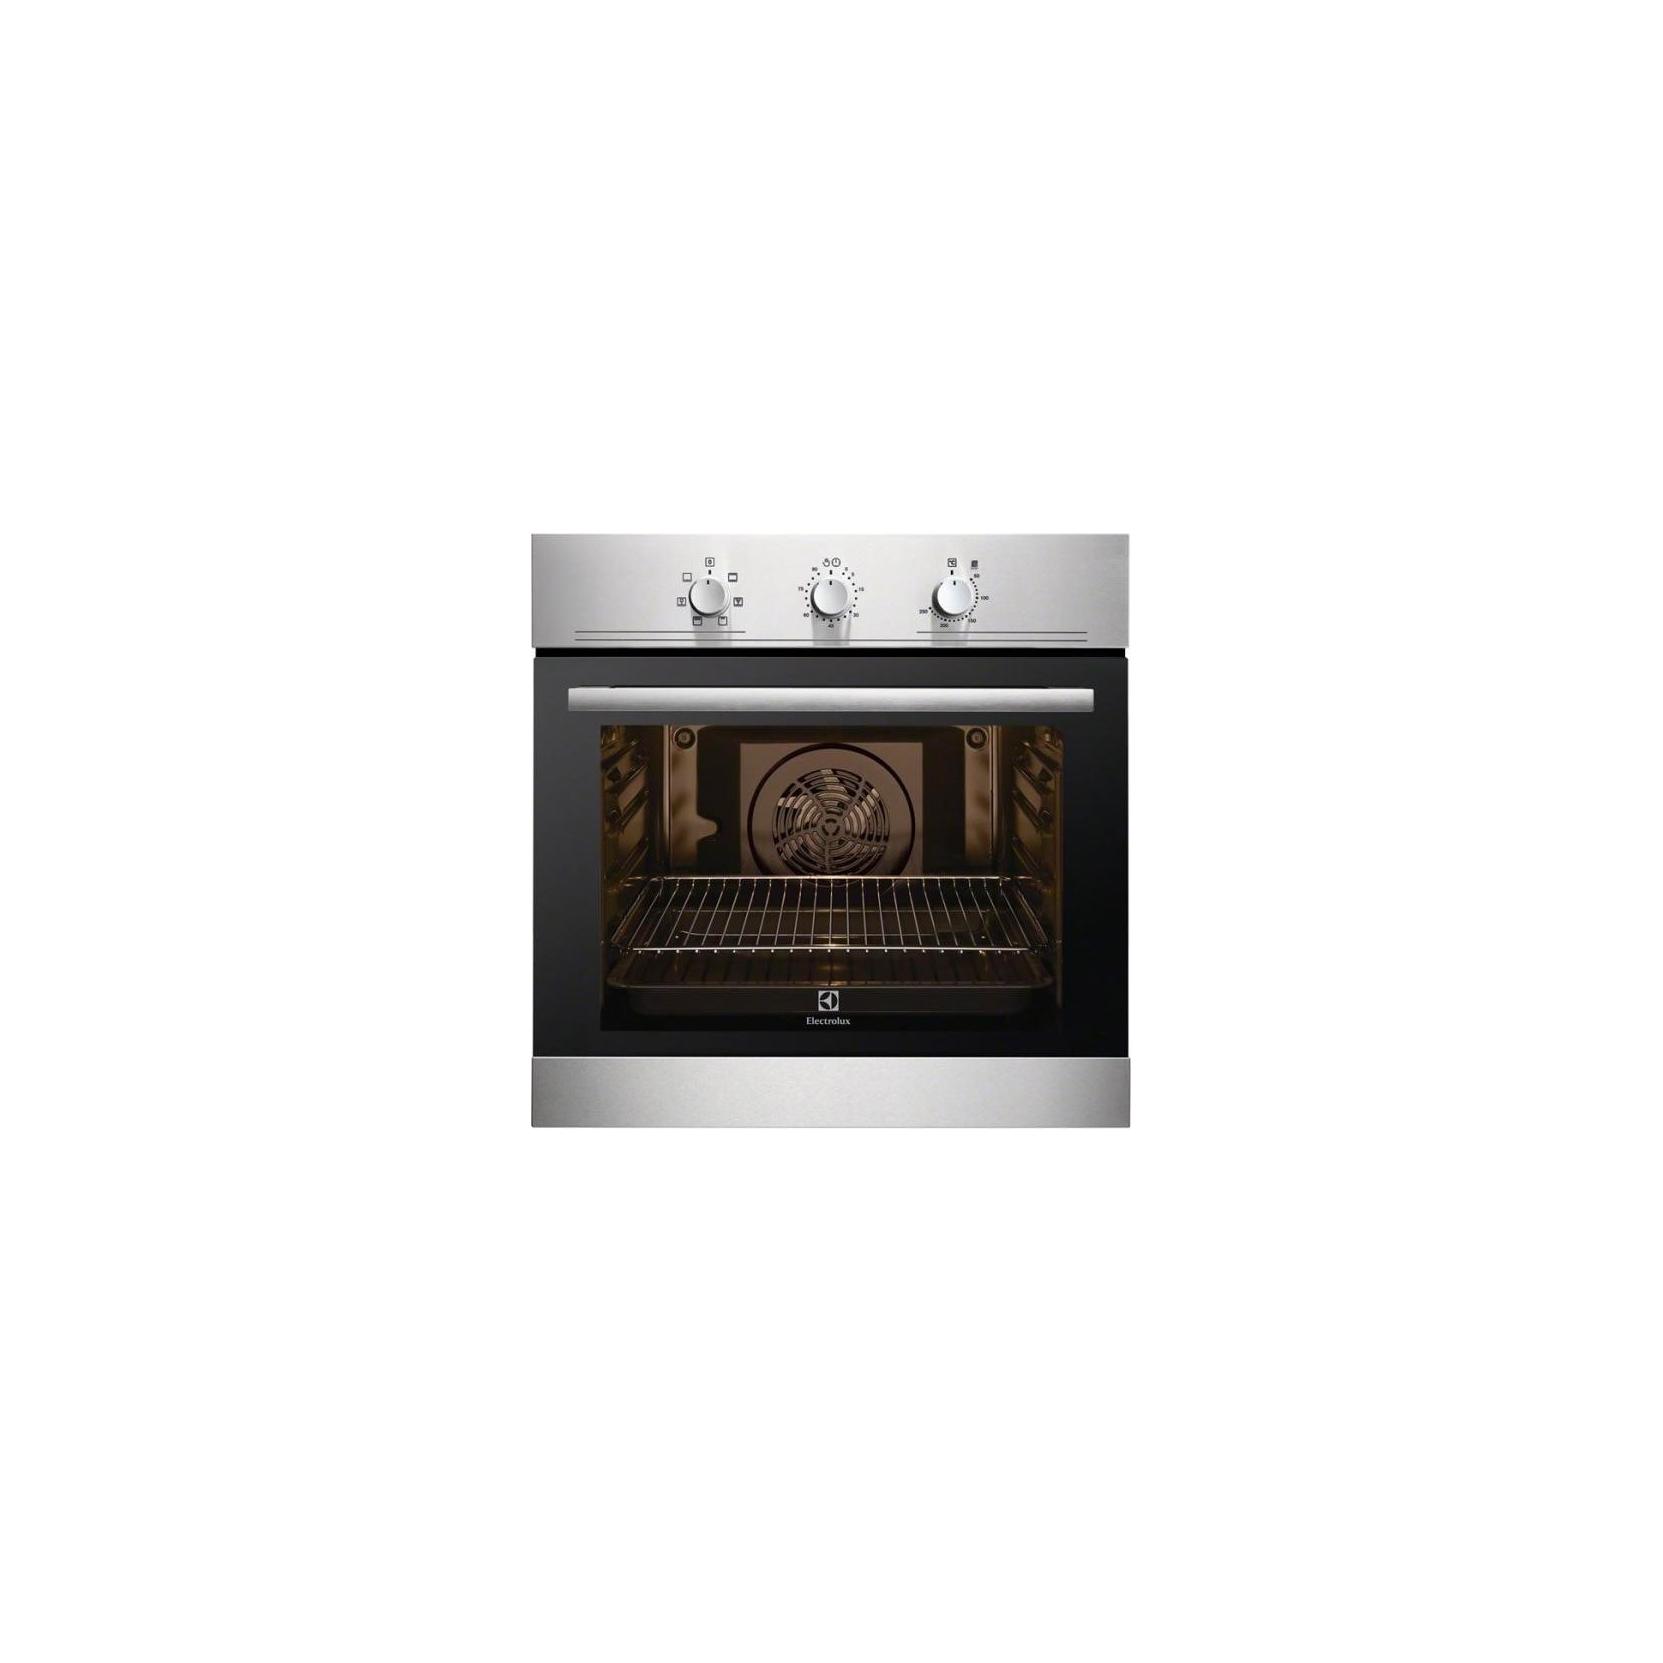 Electrolux eob2200dox forno elettrico da incasso ventilato - Forno a gas ventilato da incasso ...